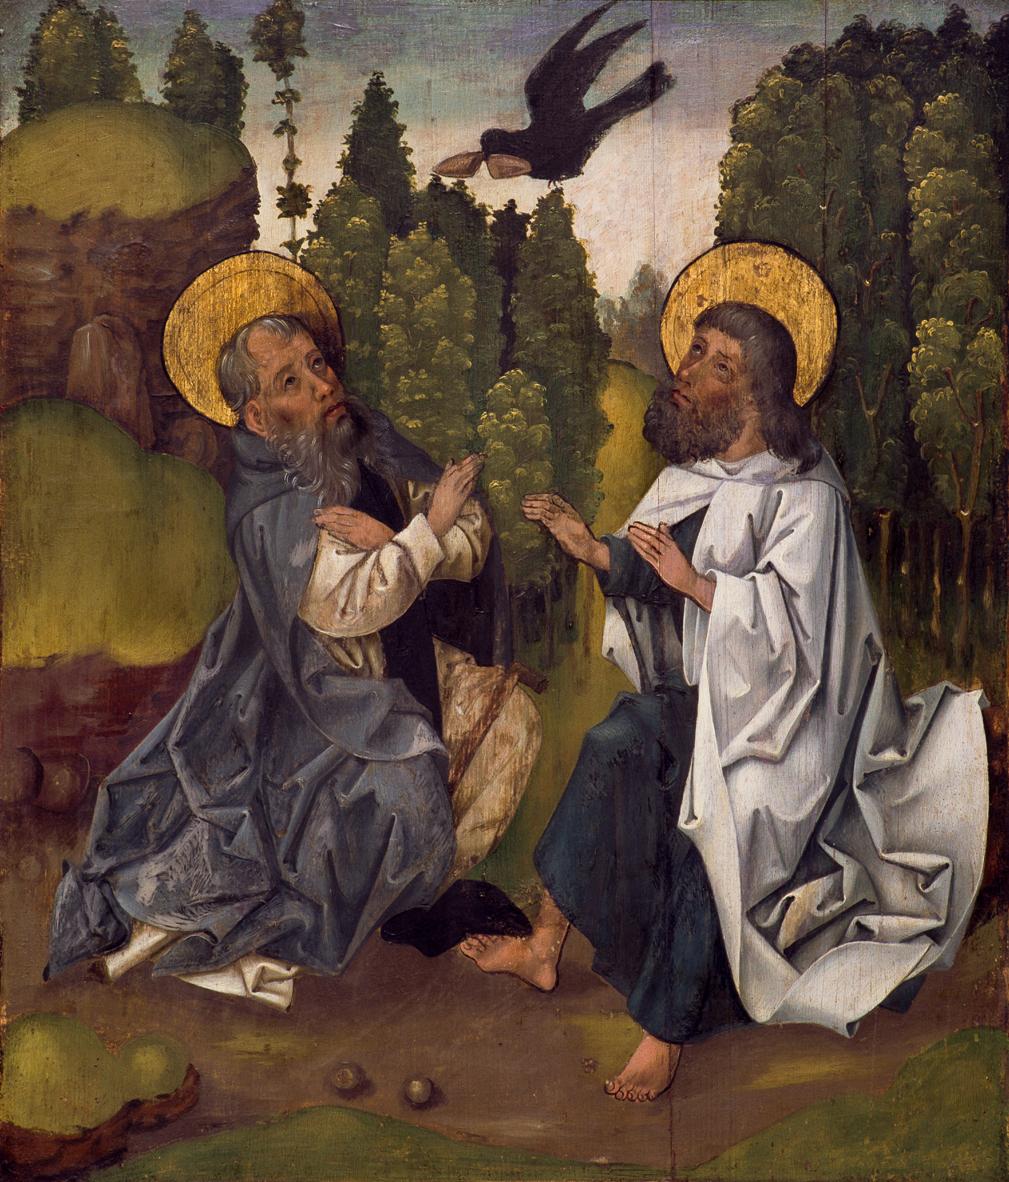 Der Rabe bringt dem Hl. Antonius und dem Hl. Paulus Brot